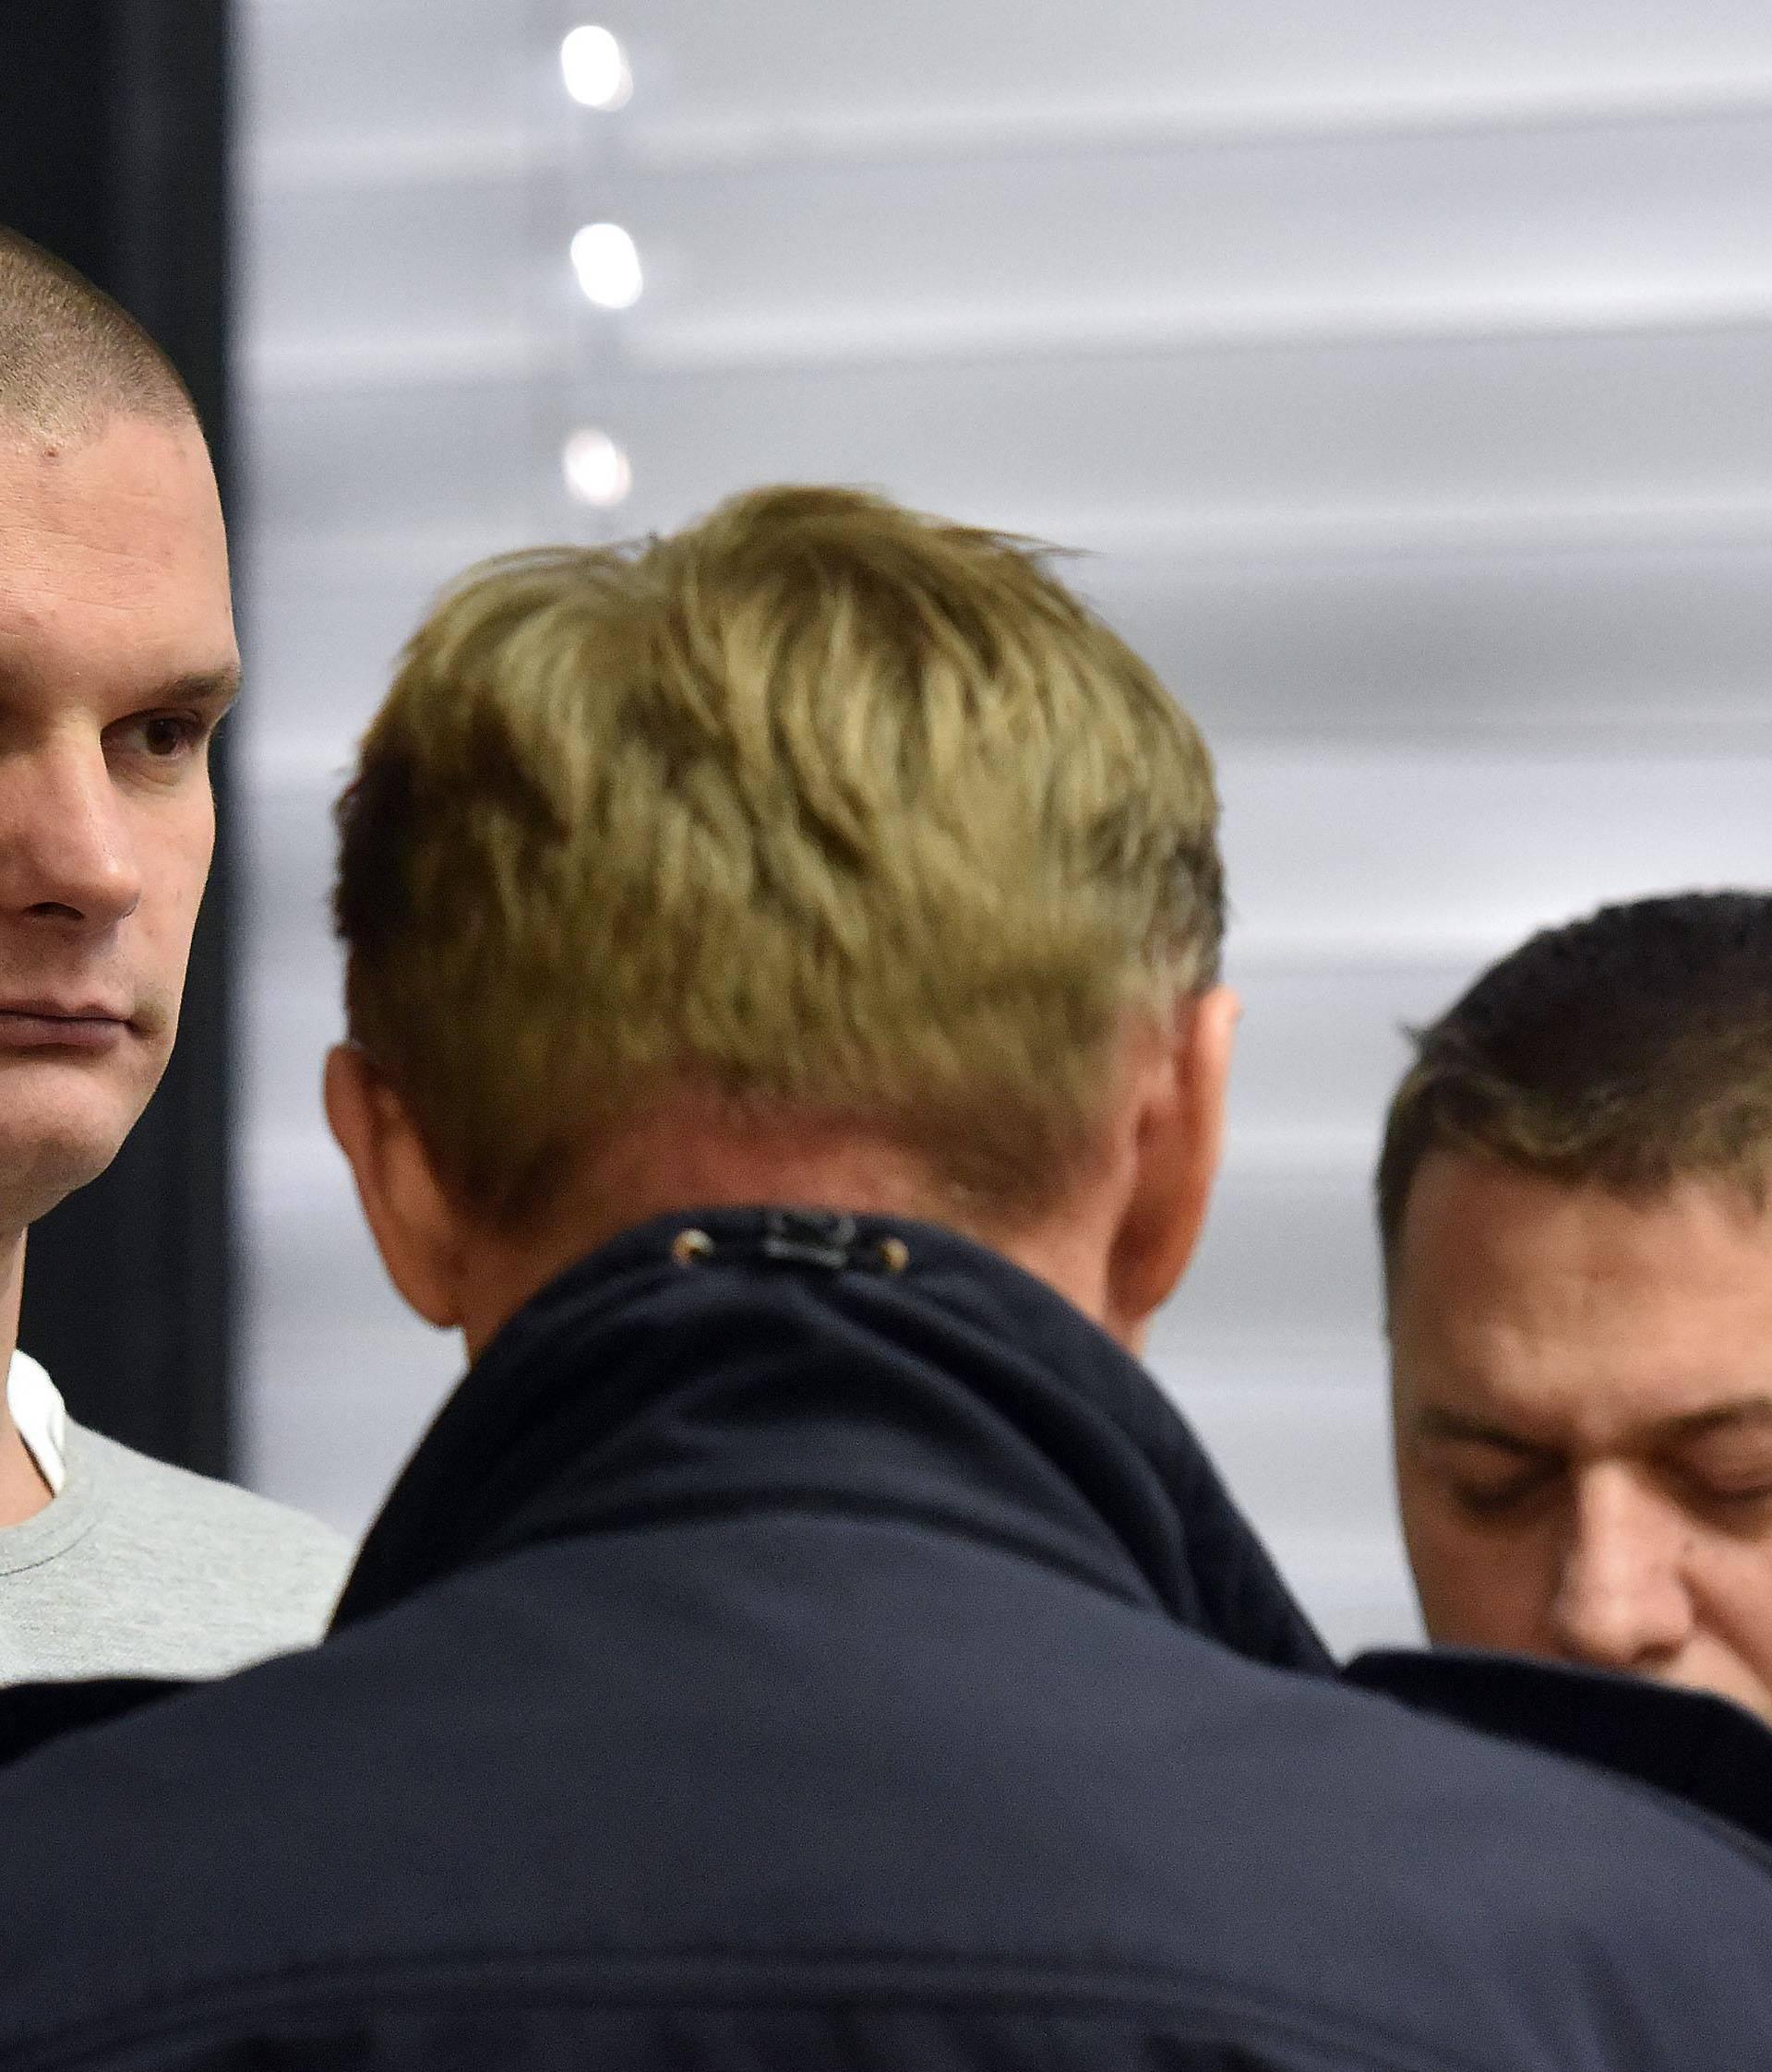 Šišaković na suđenju rekao da se boji sutkinje i traži izuzeće